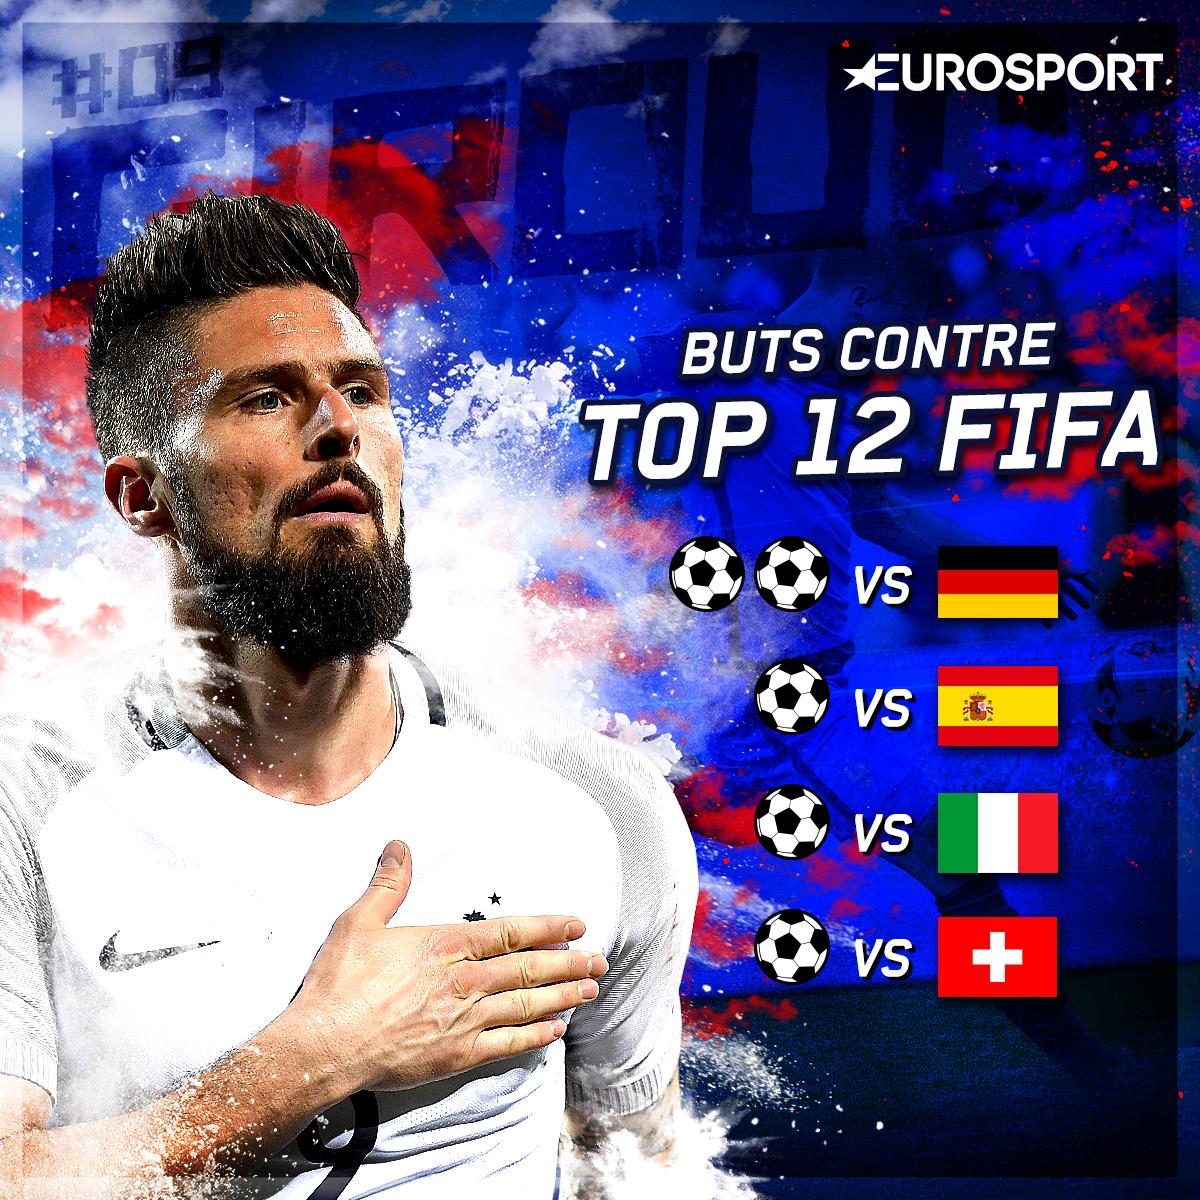 Les buts d'Olivier Giroud face au Top 12 FIFA